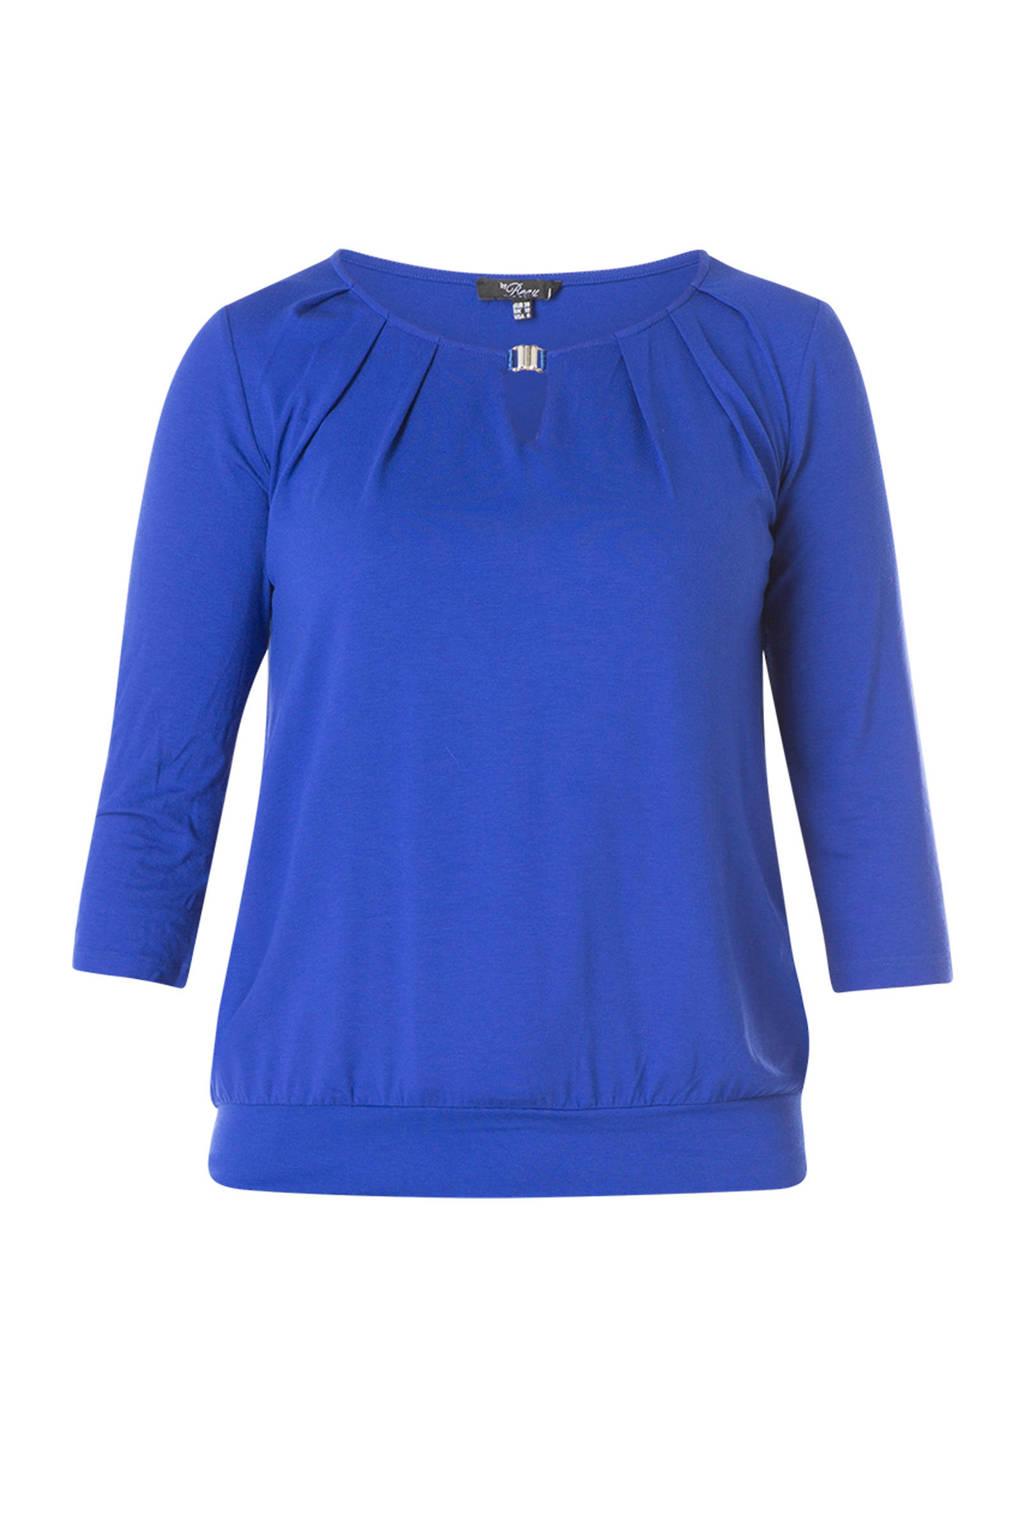 IVY BELLA BY BELLA top blauw, Blauw